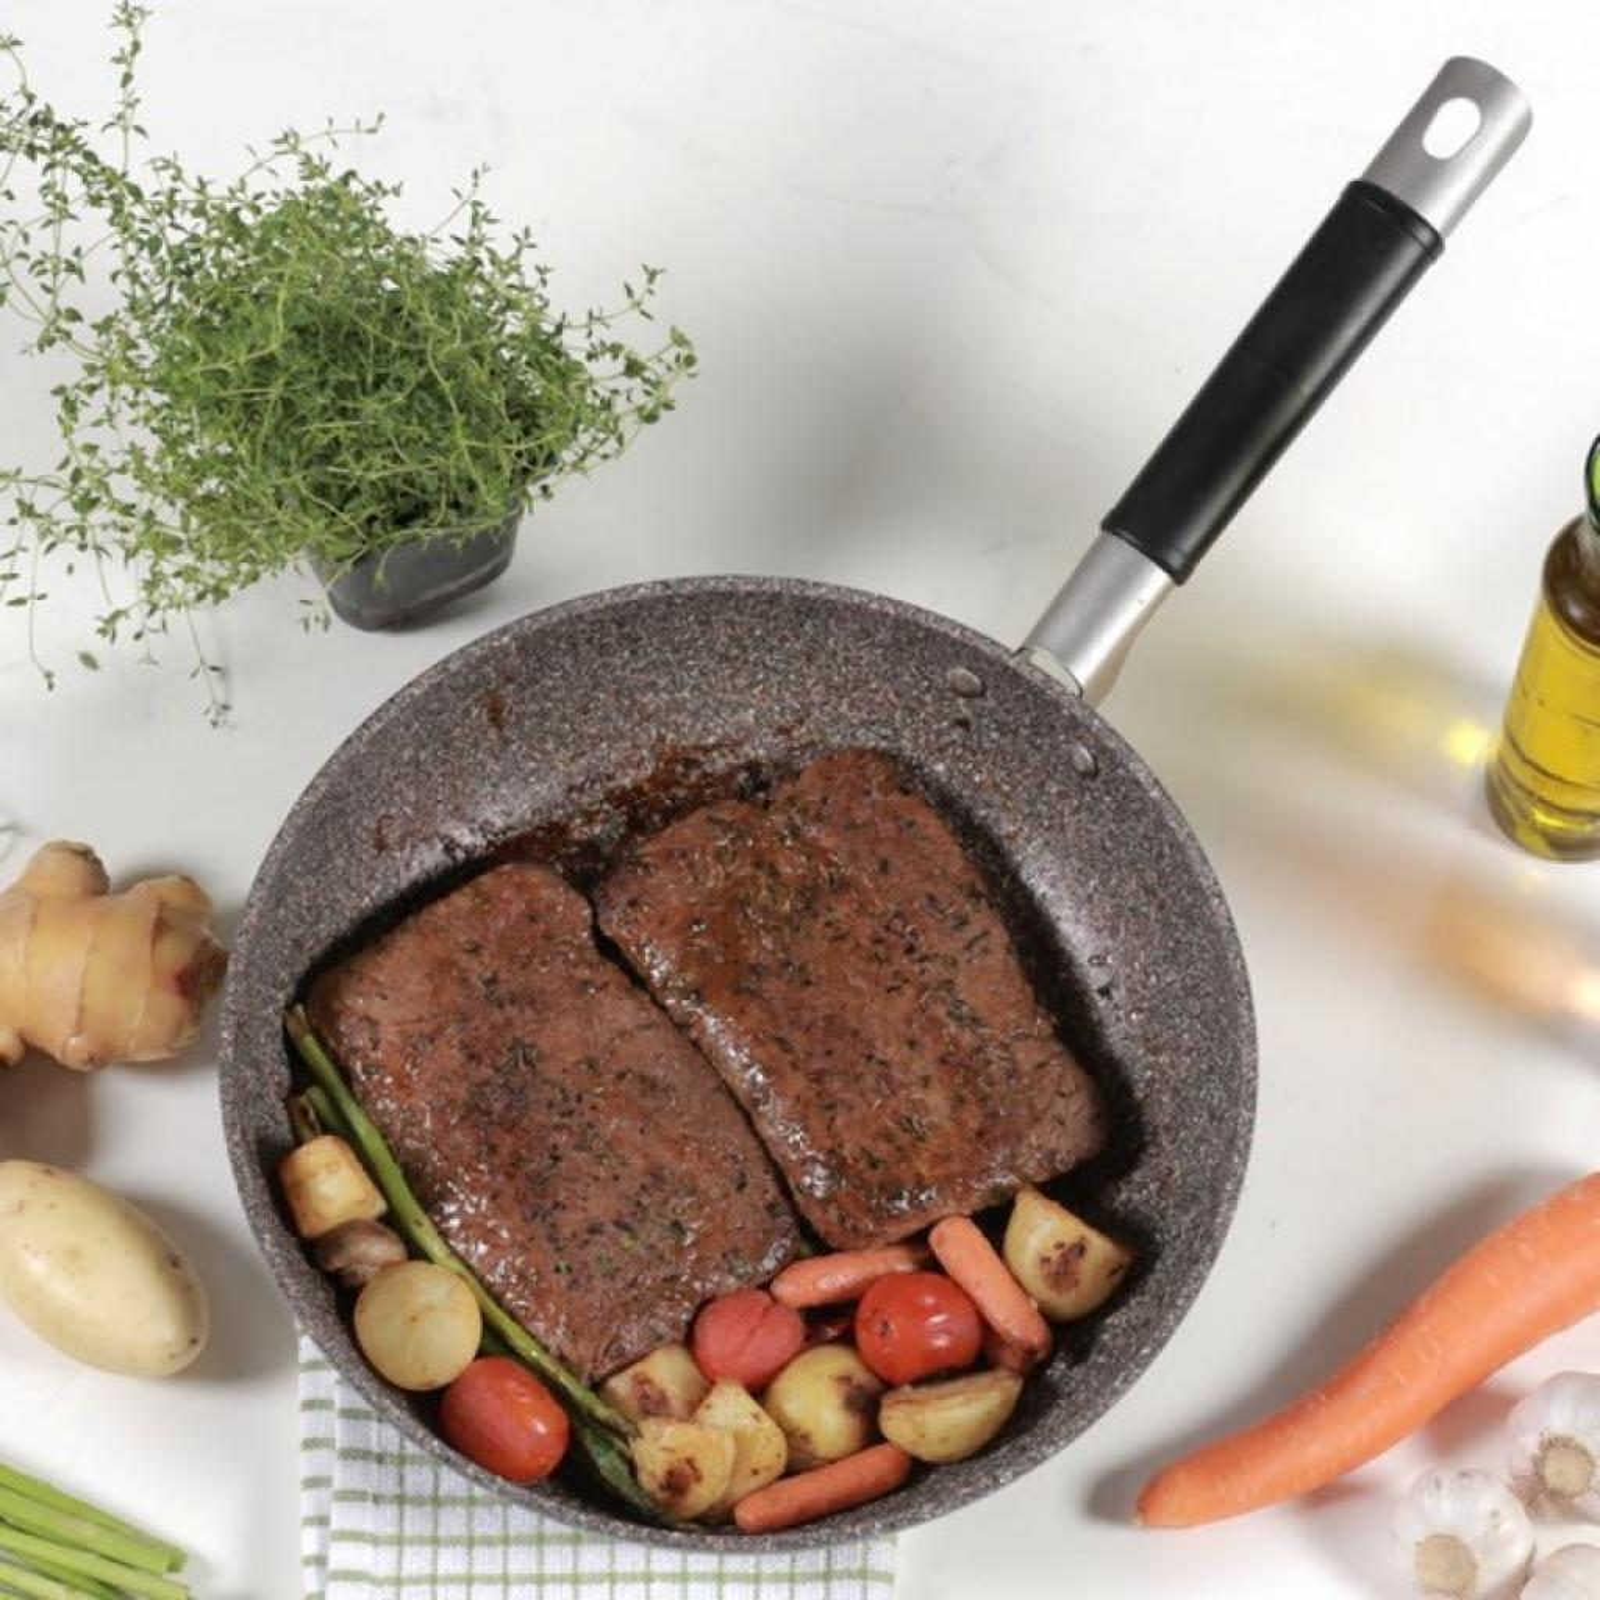 Сковорода TVS Grand Gurmet 20 см (BJ163203720002) изображение 2